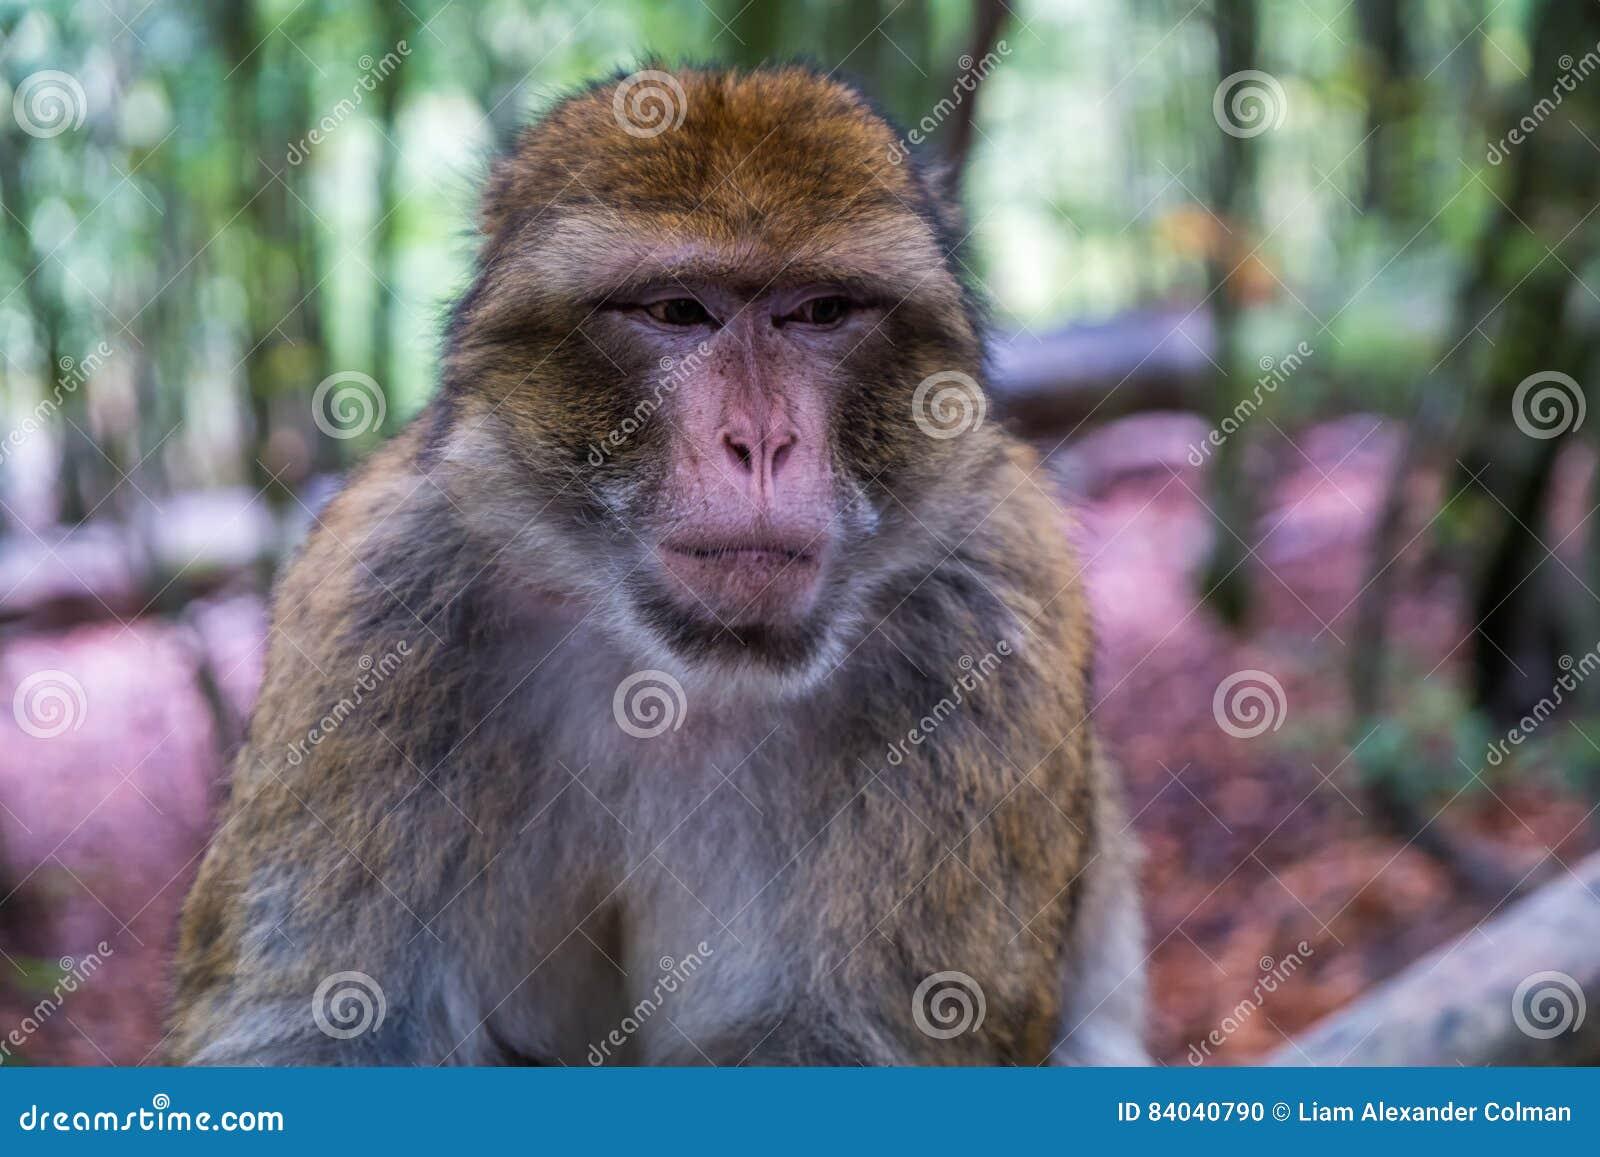 Monkey forest - Grumpy monkey sitting